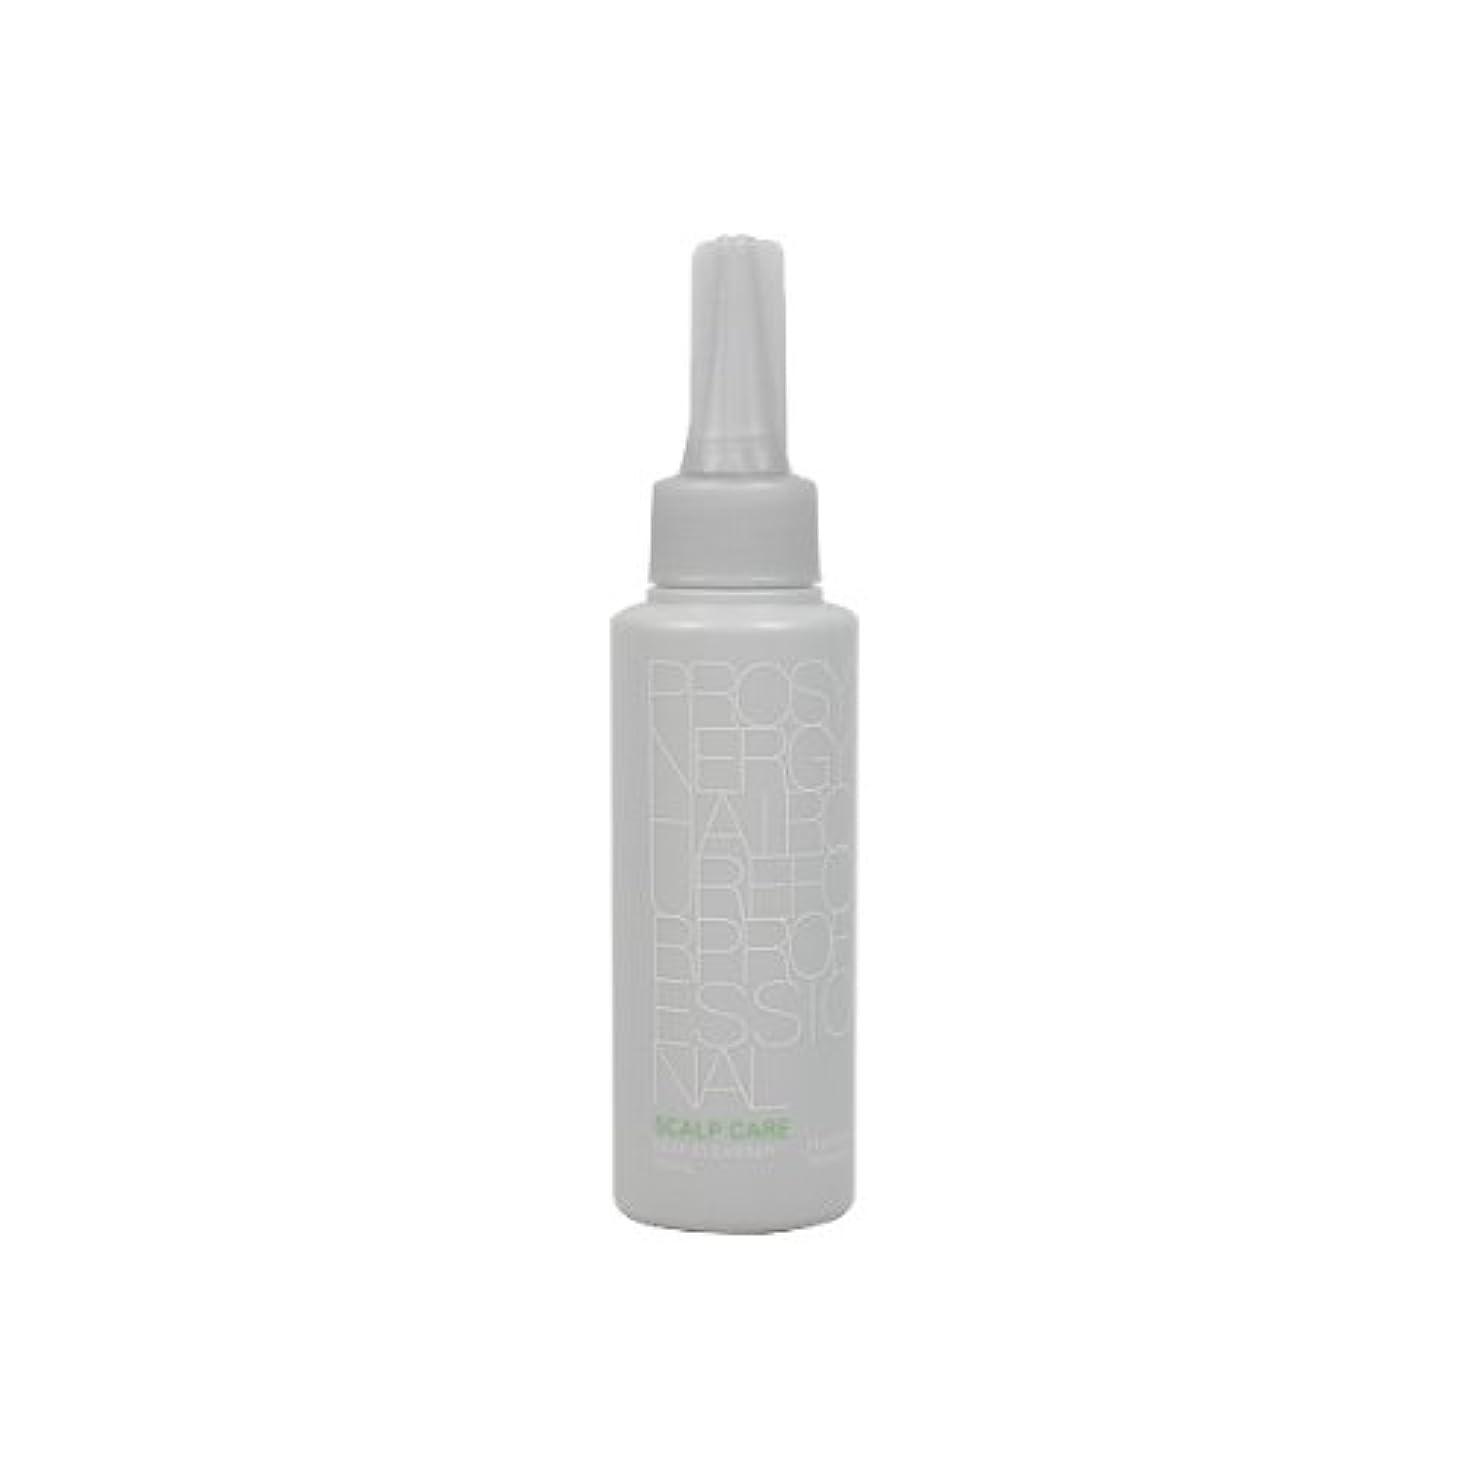 コンパニオン溶融現像資生堂プロフェッショナル プロシナジー スカルプケア ディープクレンザー 100ml shiseido